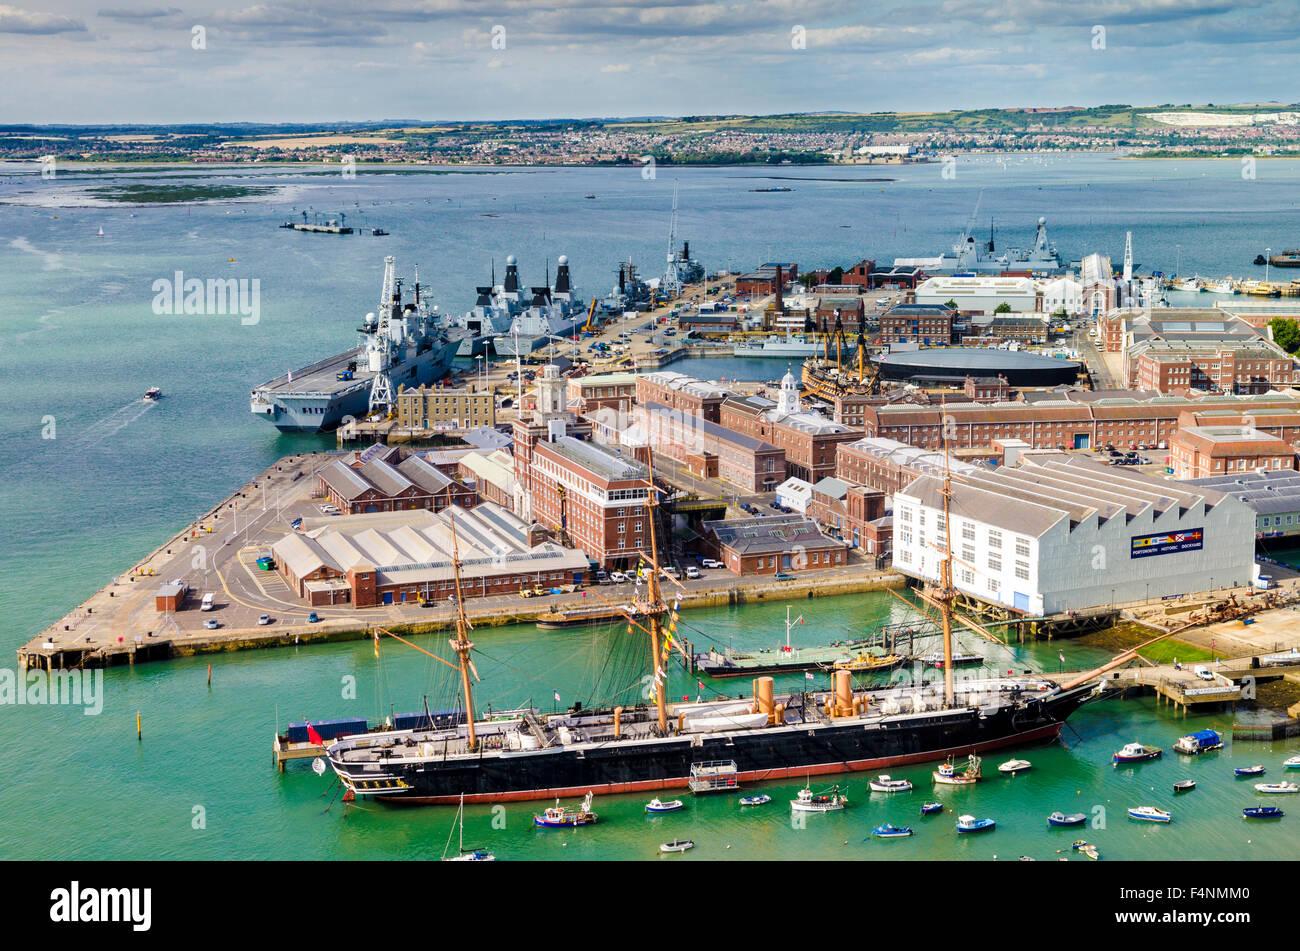 Portsmouth Historic Dockyard, Hampshire, England. - Stock Image